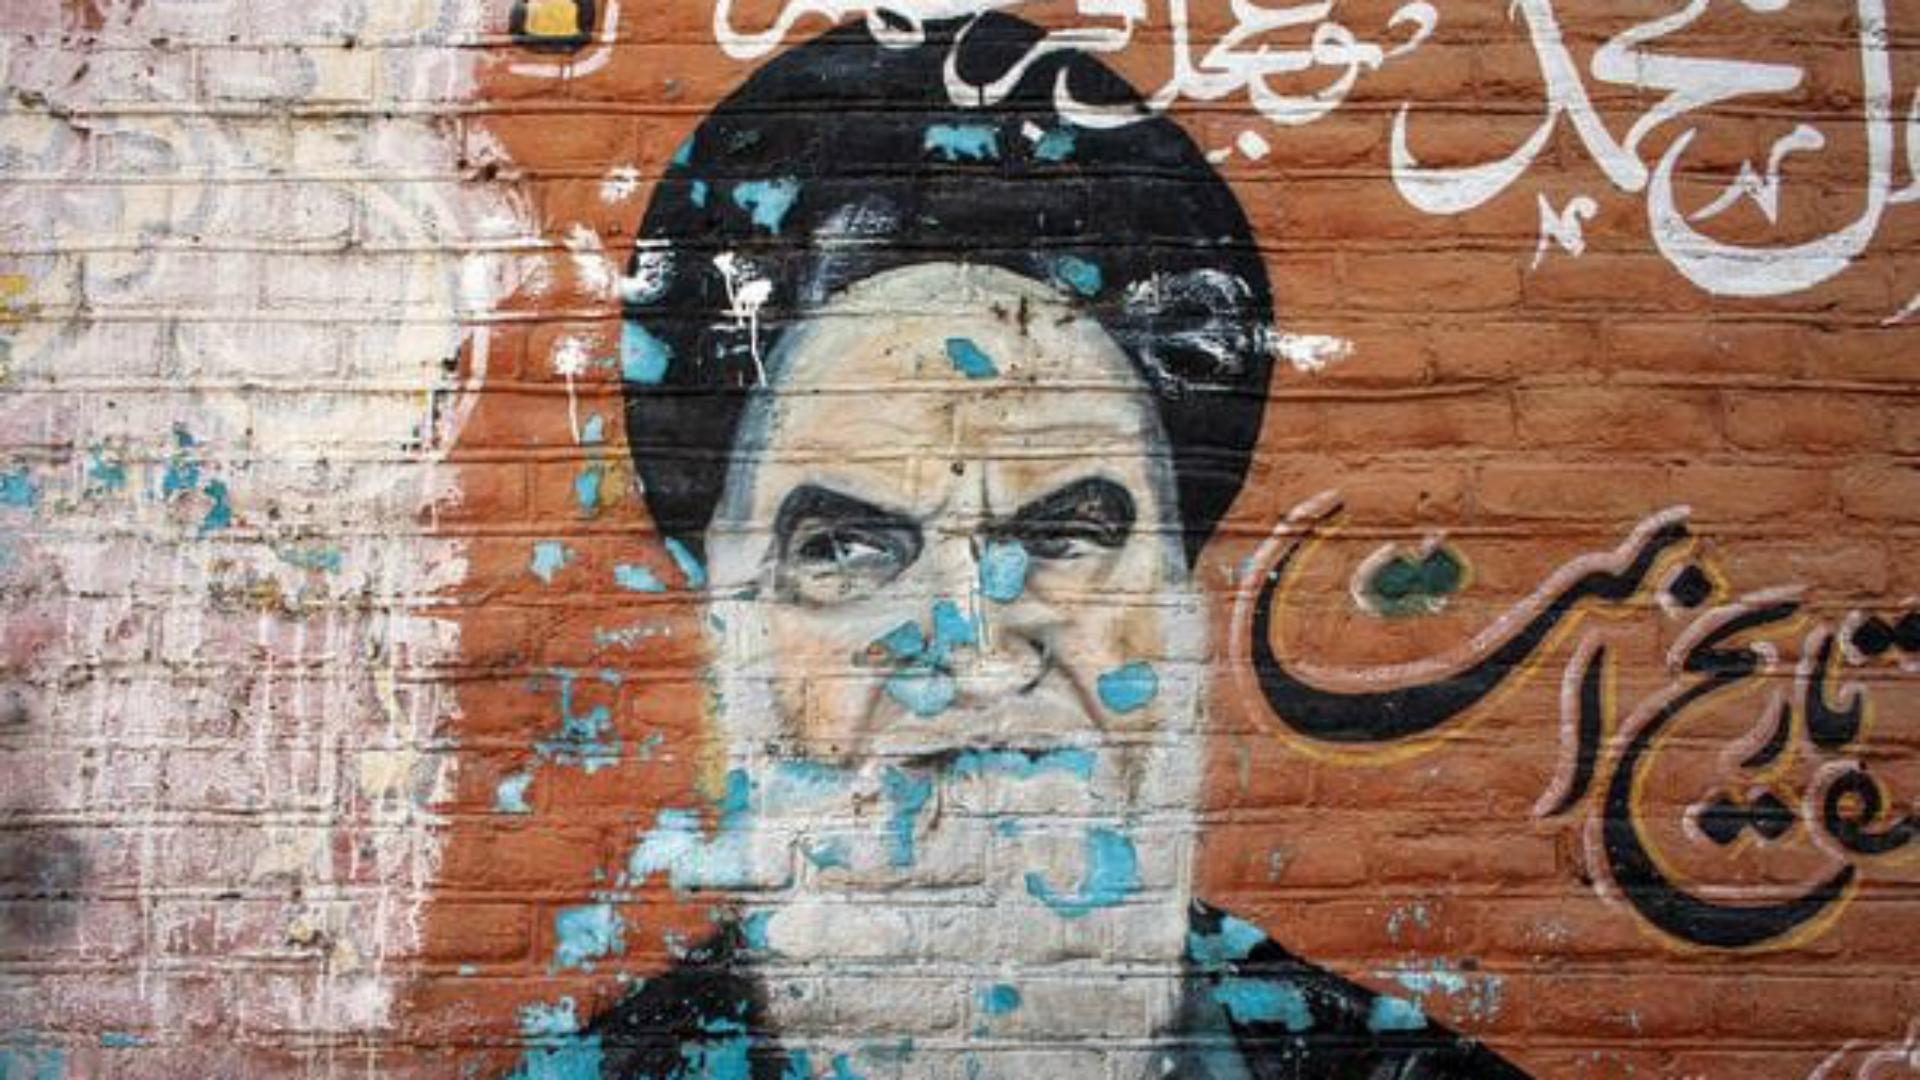 La mayoría de los ejecutados eran miembros de la Organización de los muyahidines del pueblo iraní